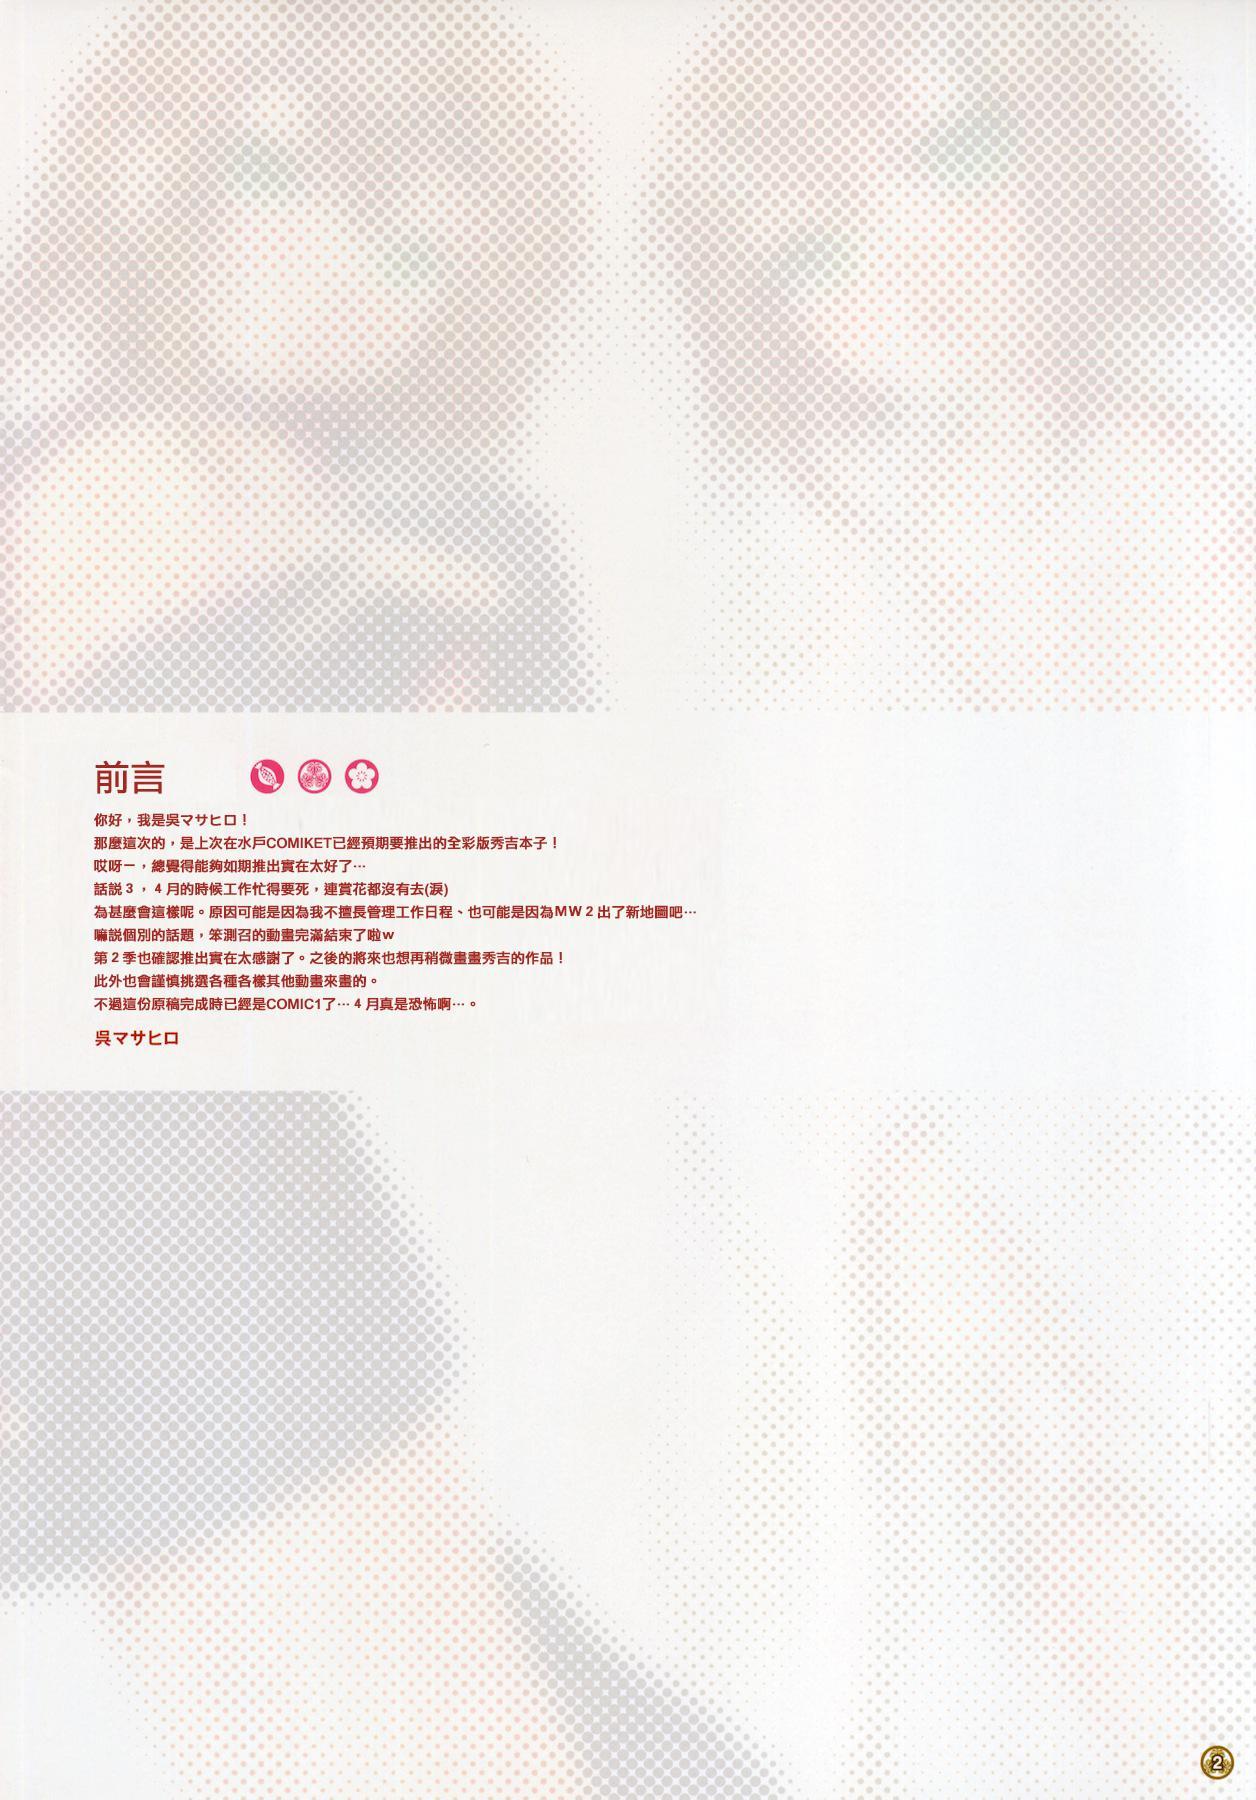 CL&etc 01 ~Mito de Dasu hazudatta Hon~ 3